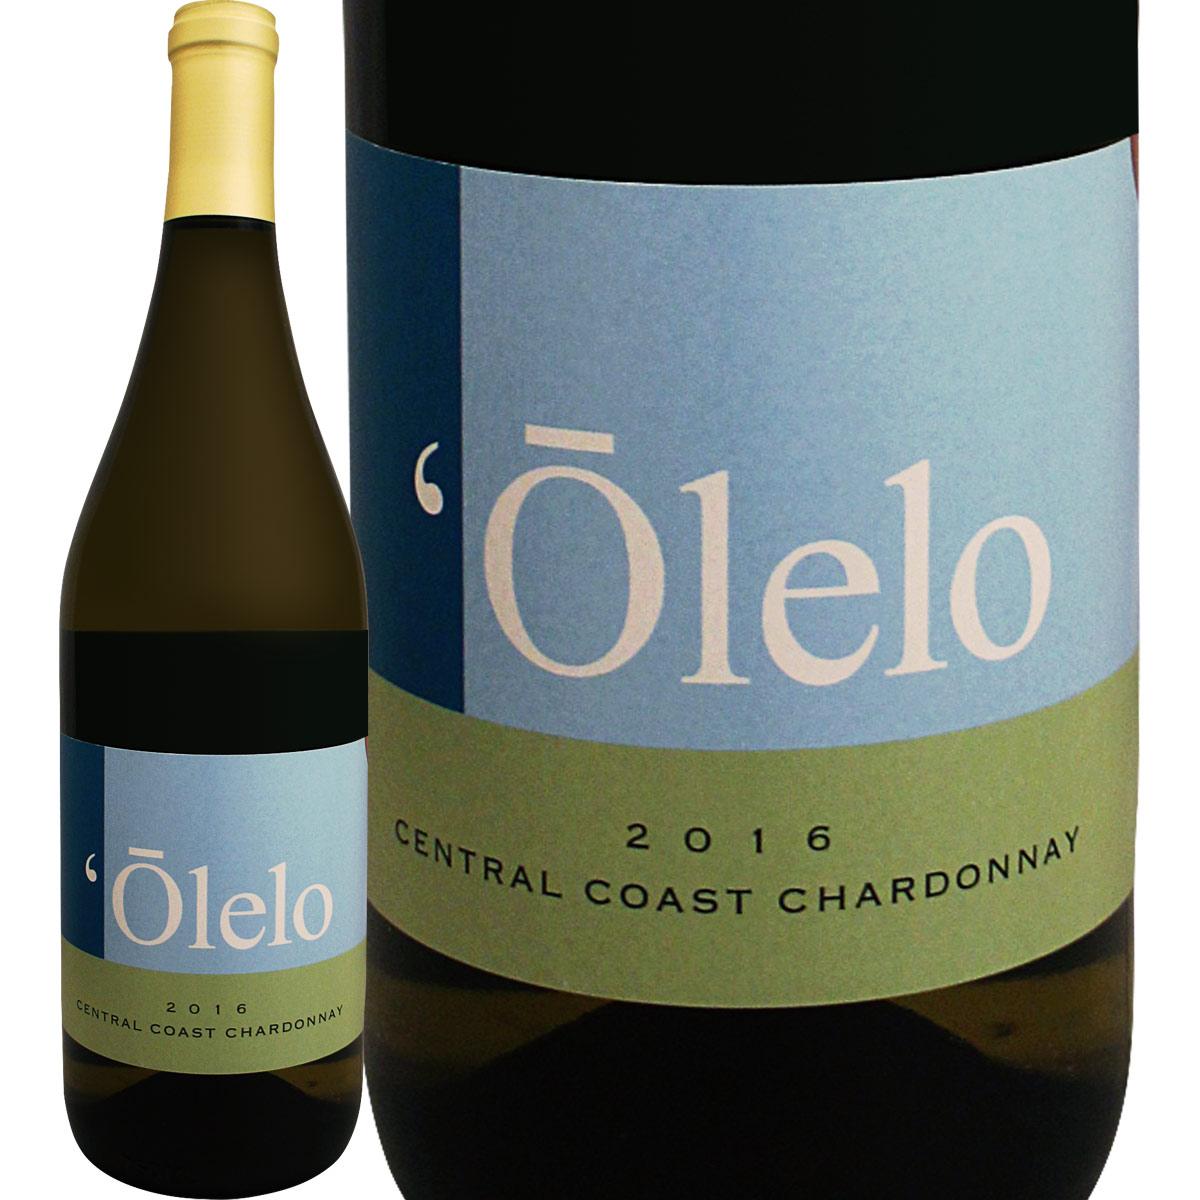 オーレロ・セントラル・コースト・シャルドネ 2016<br><br>【アメリカ】【カリフォルニア】【90点】【辛口】【白ワイン】【Olelo】